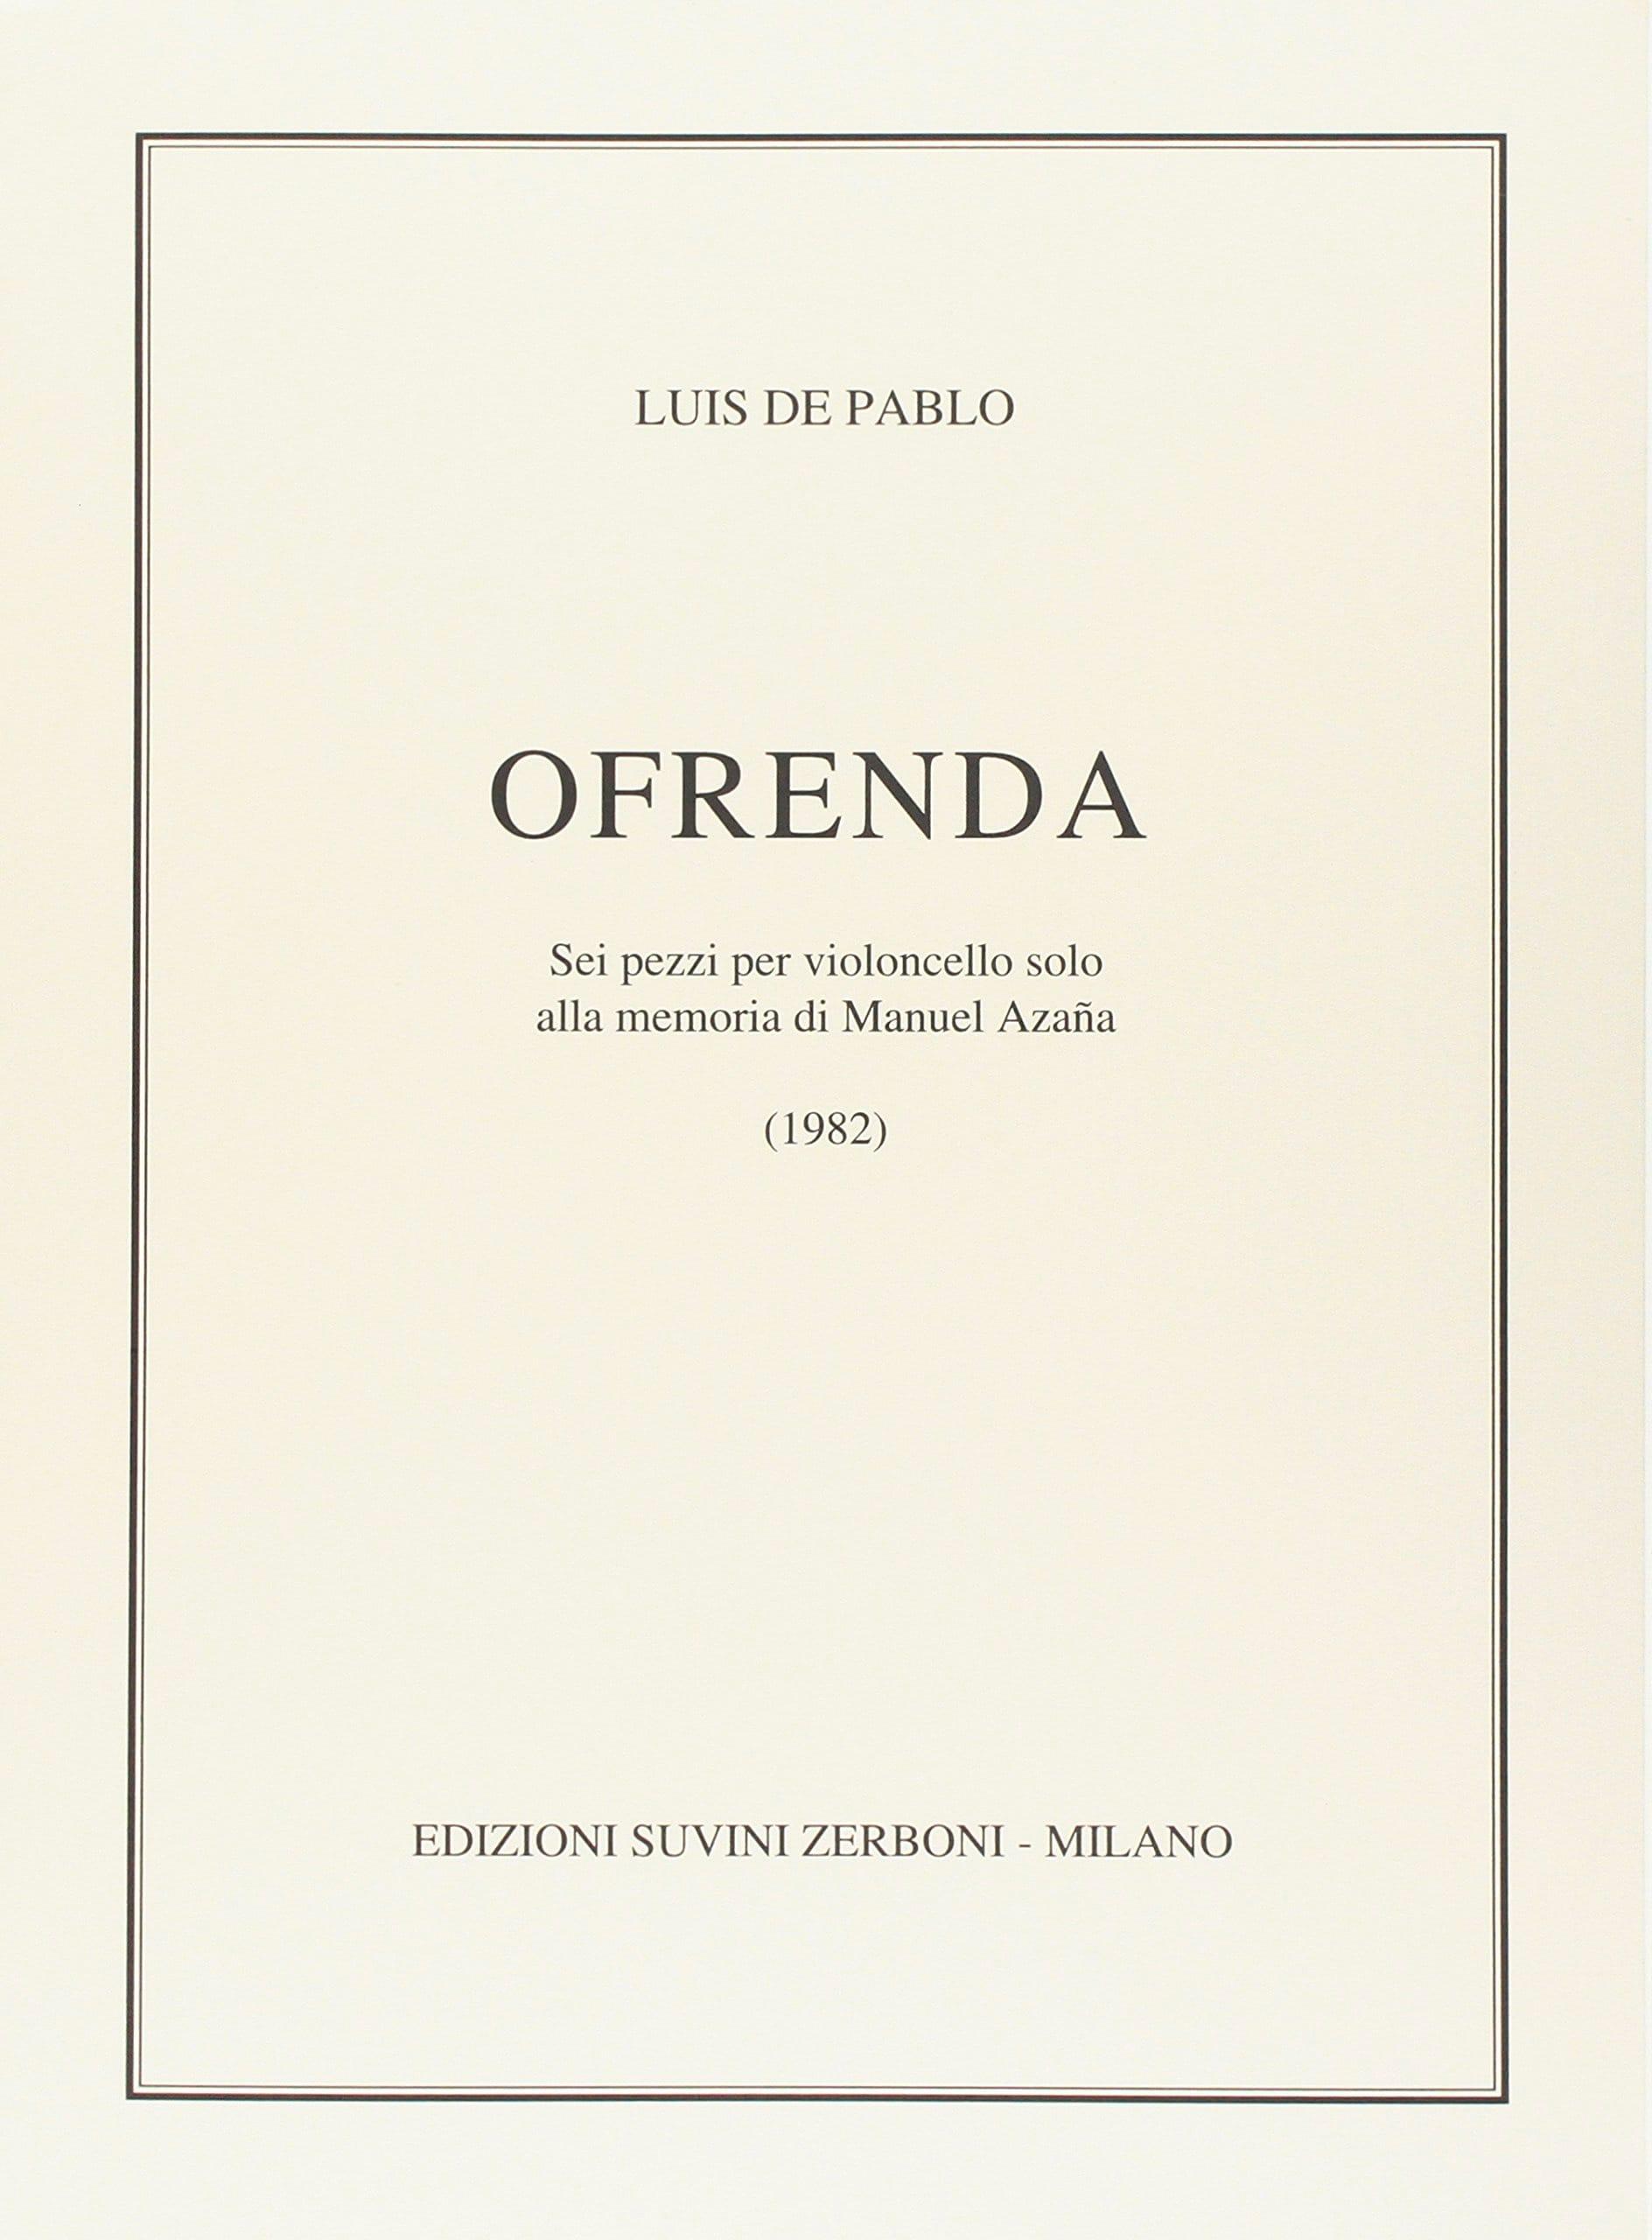 Ofrenda - Luis de Pablo - Partition - Violoncelle - laflutedepan.com